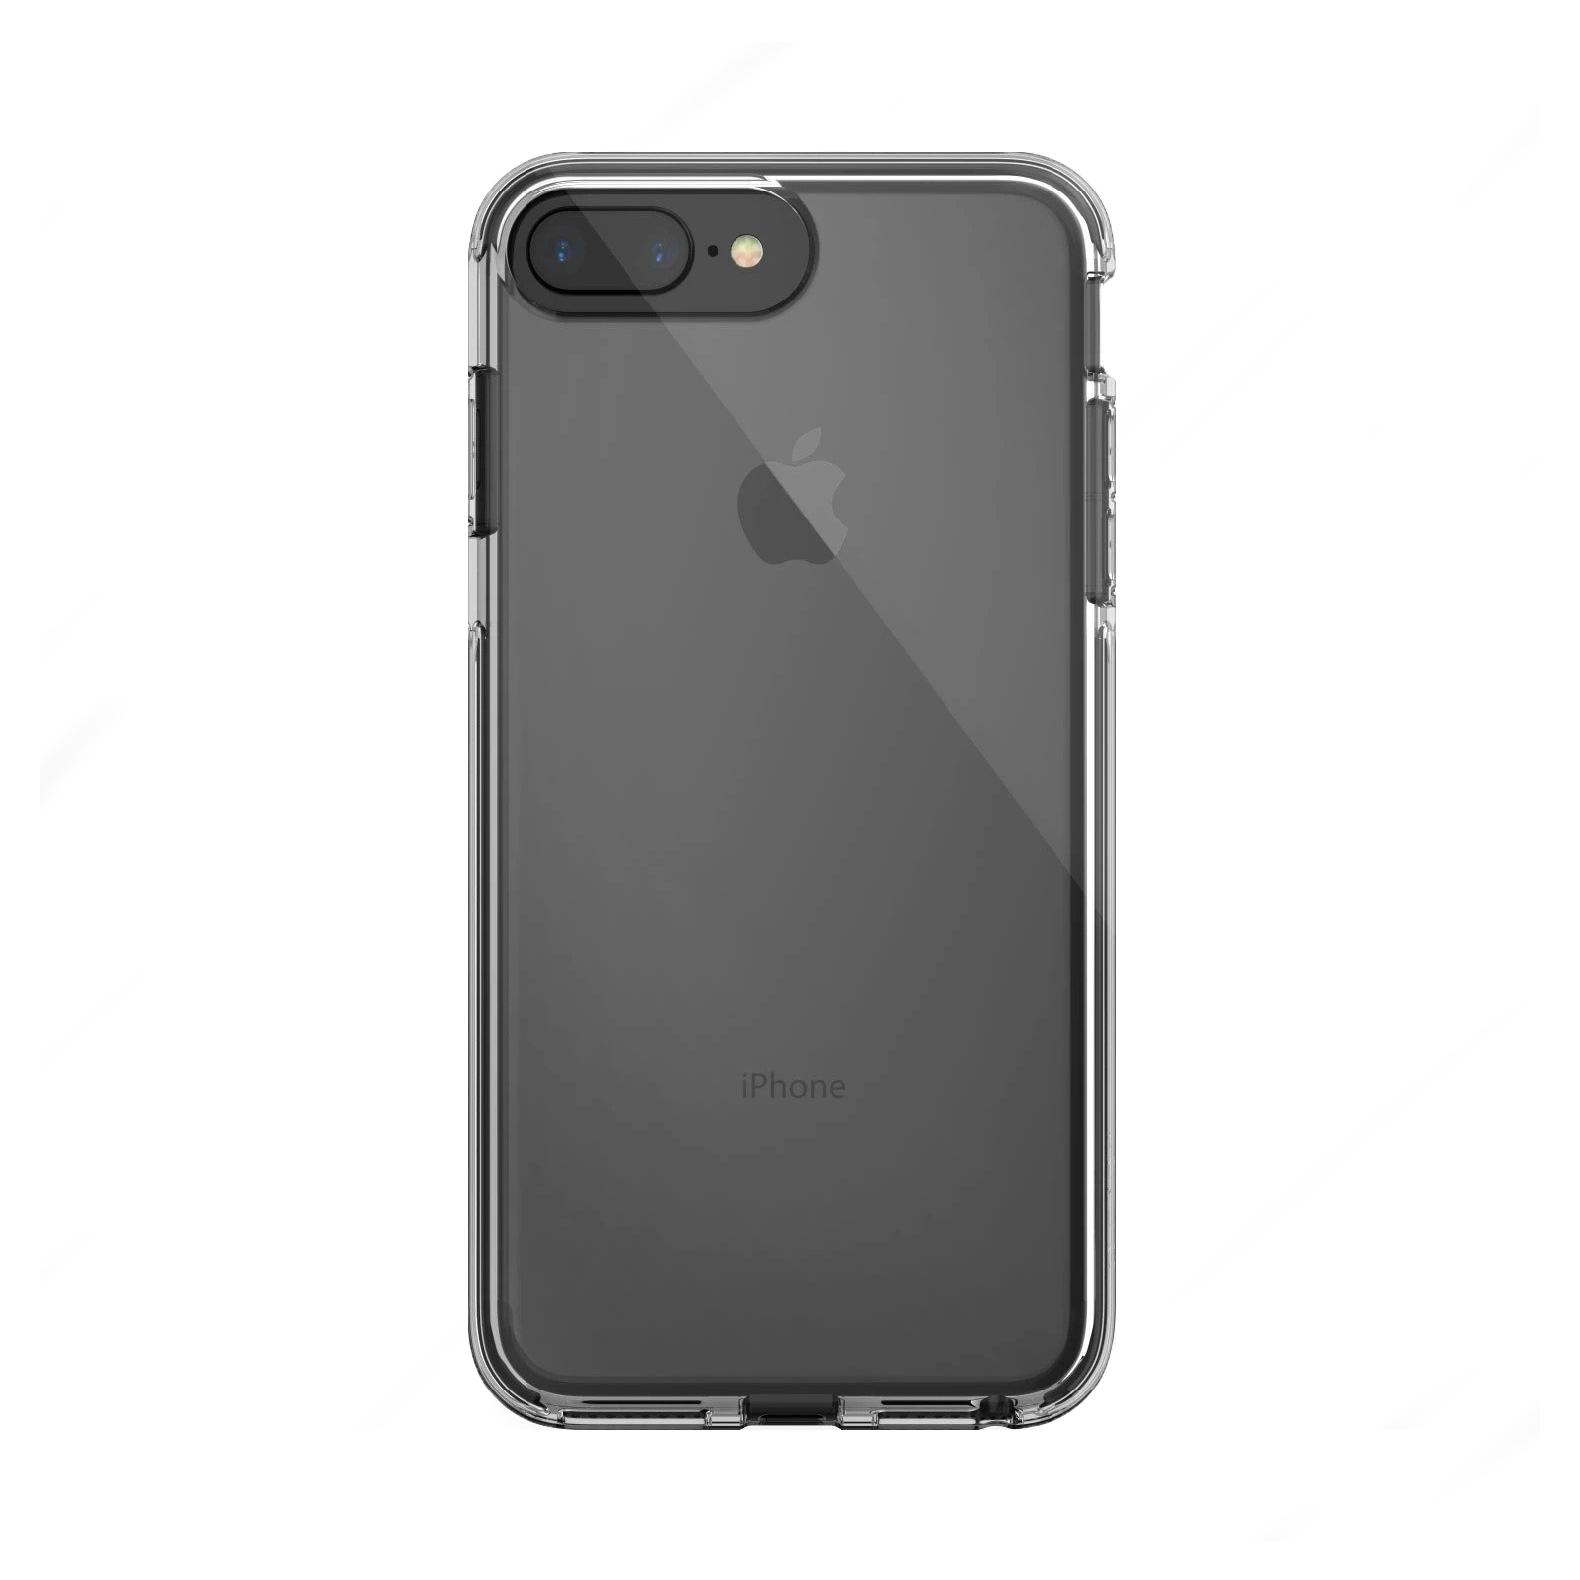 کاور اسپایدر مدل DEFENSE SHIELD مناسب برای گوشی موبایل اپل iPhone 7Plus /8 Plus